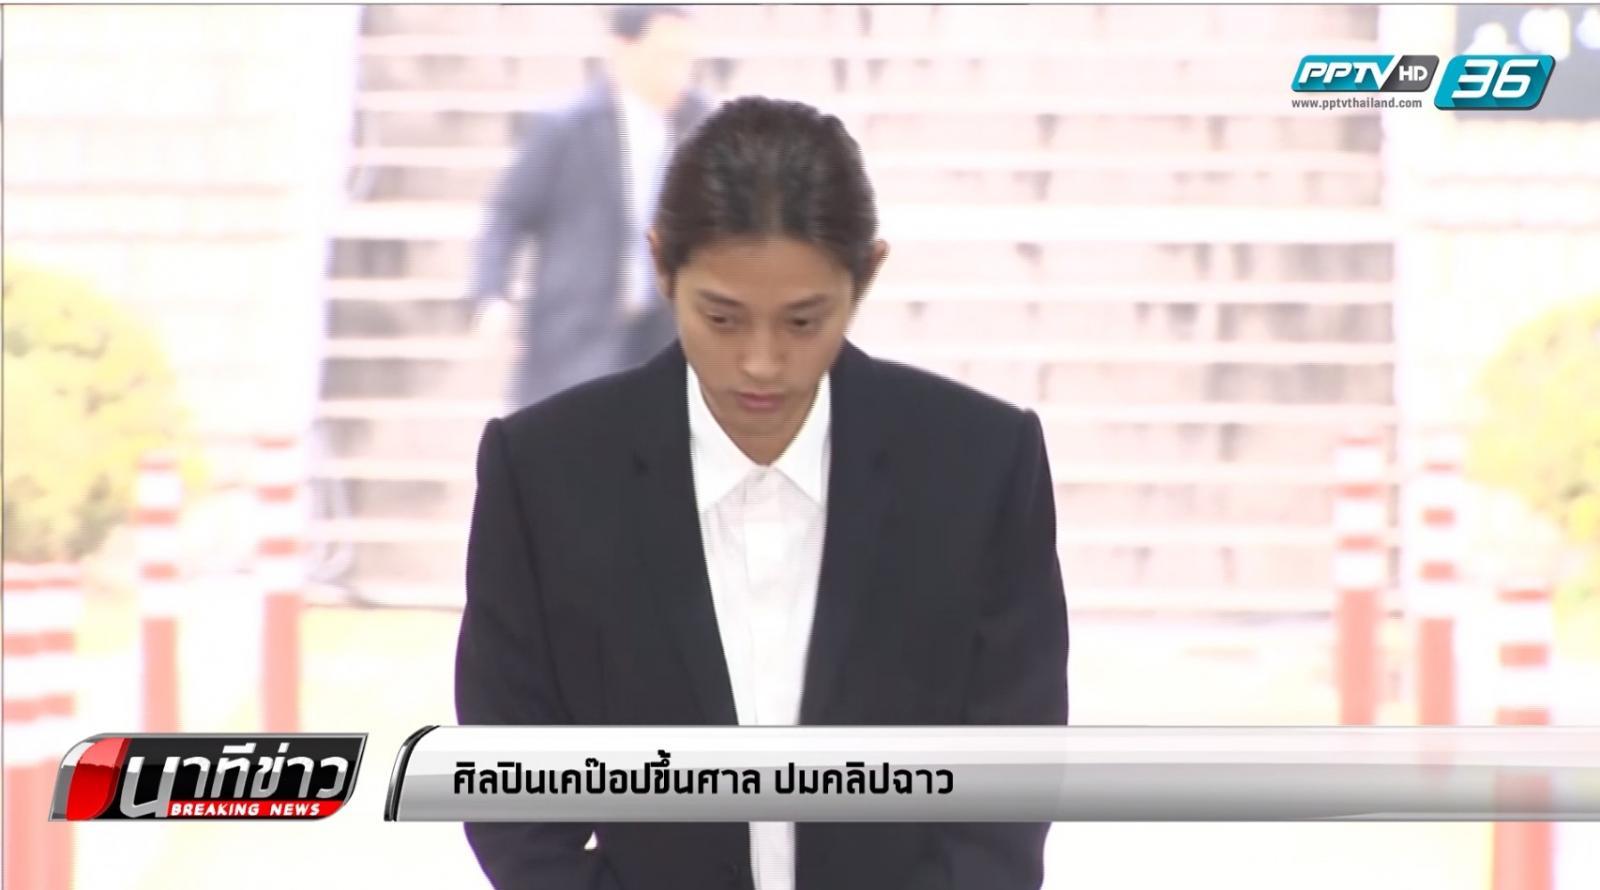 """""""จองจุนยอง"""" เข้าพบศาลเพื่อไต่สวน ก่อนพิจารณาอนุมัติหมายจับ!!"""